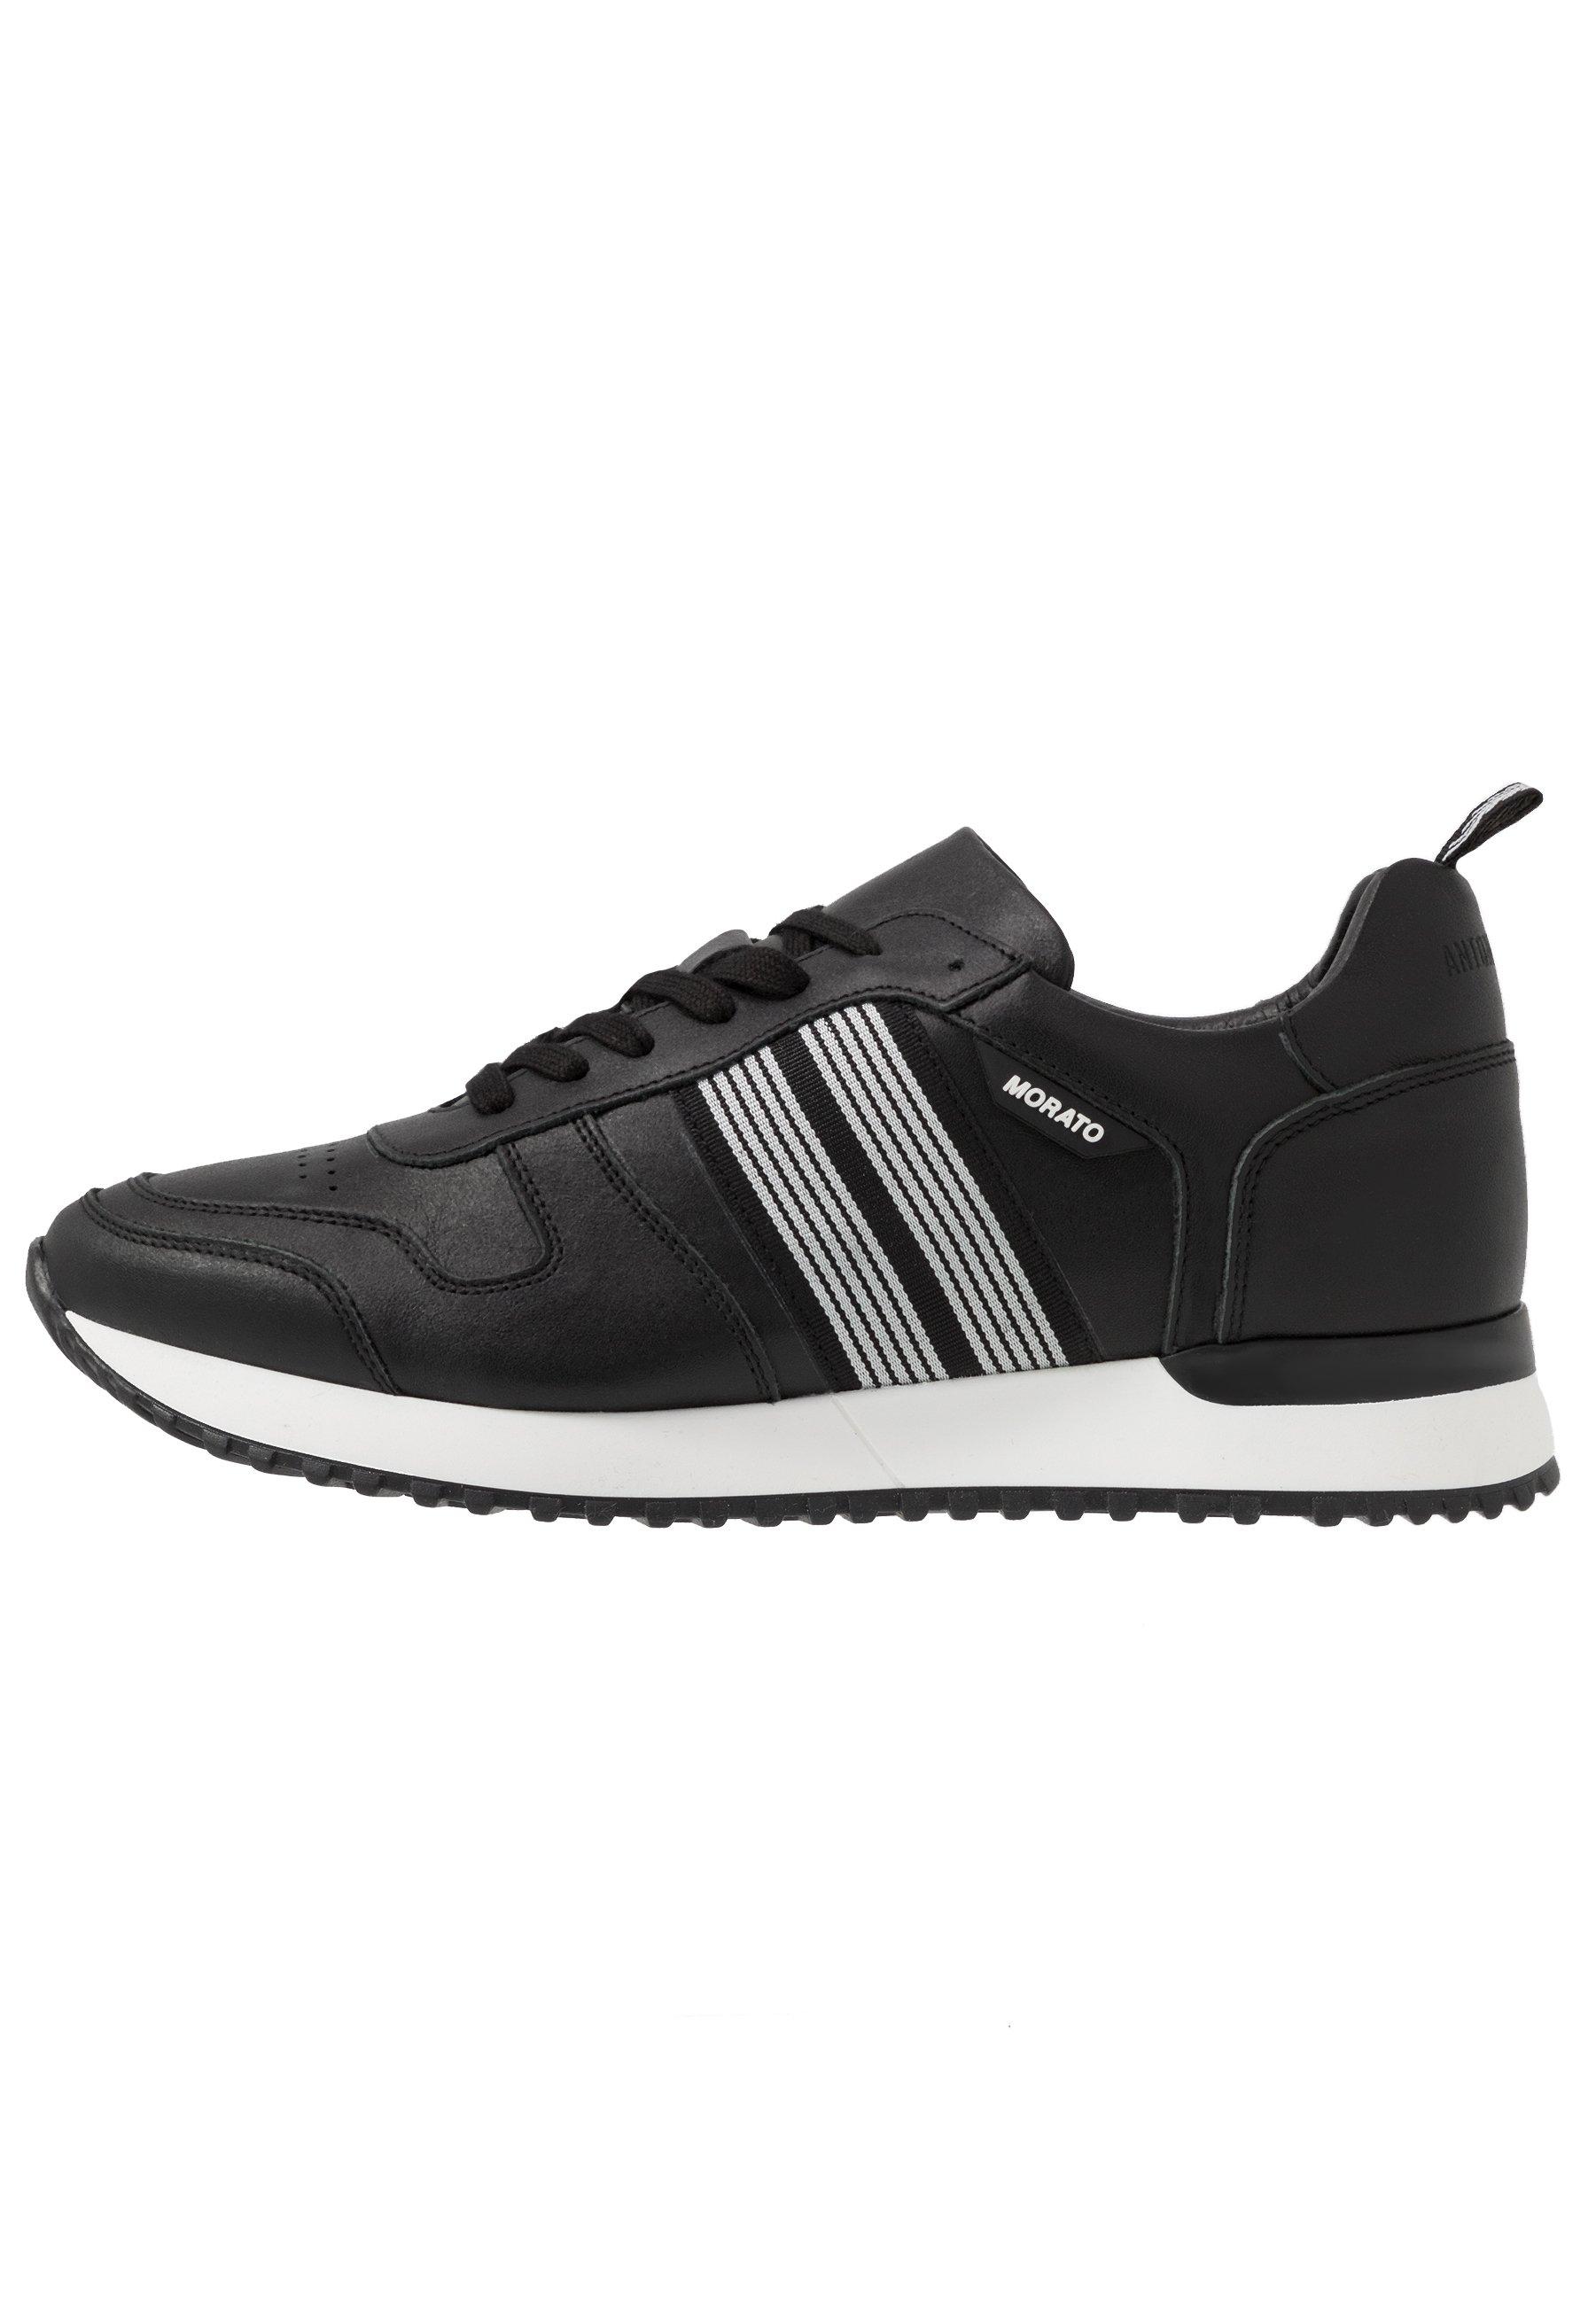 HANKO Sneakers black